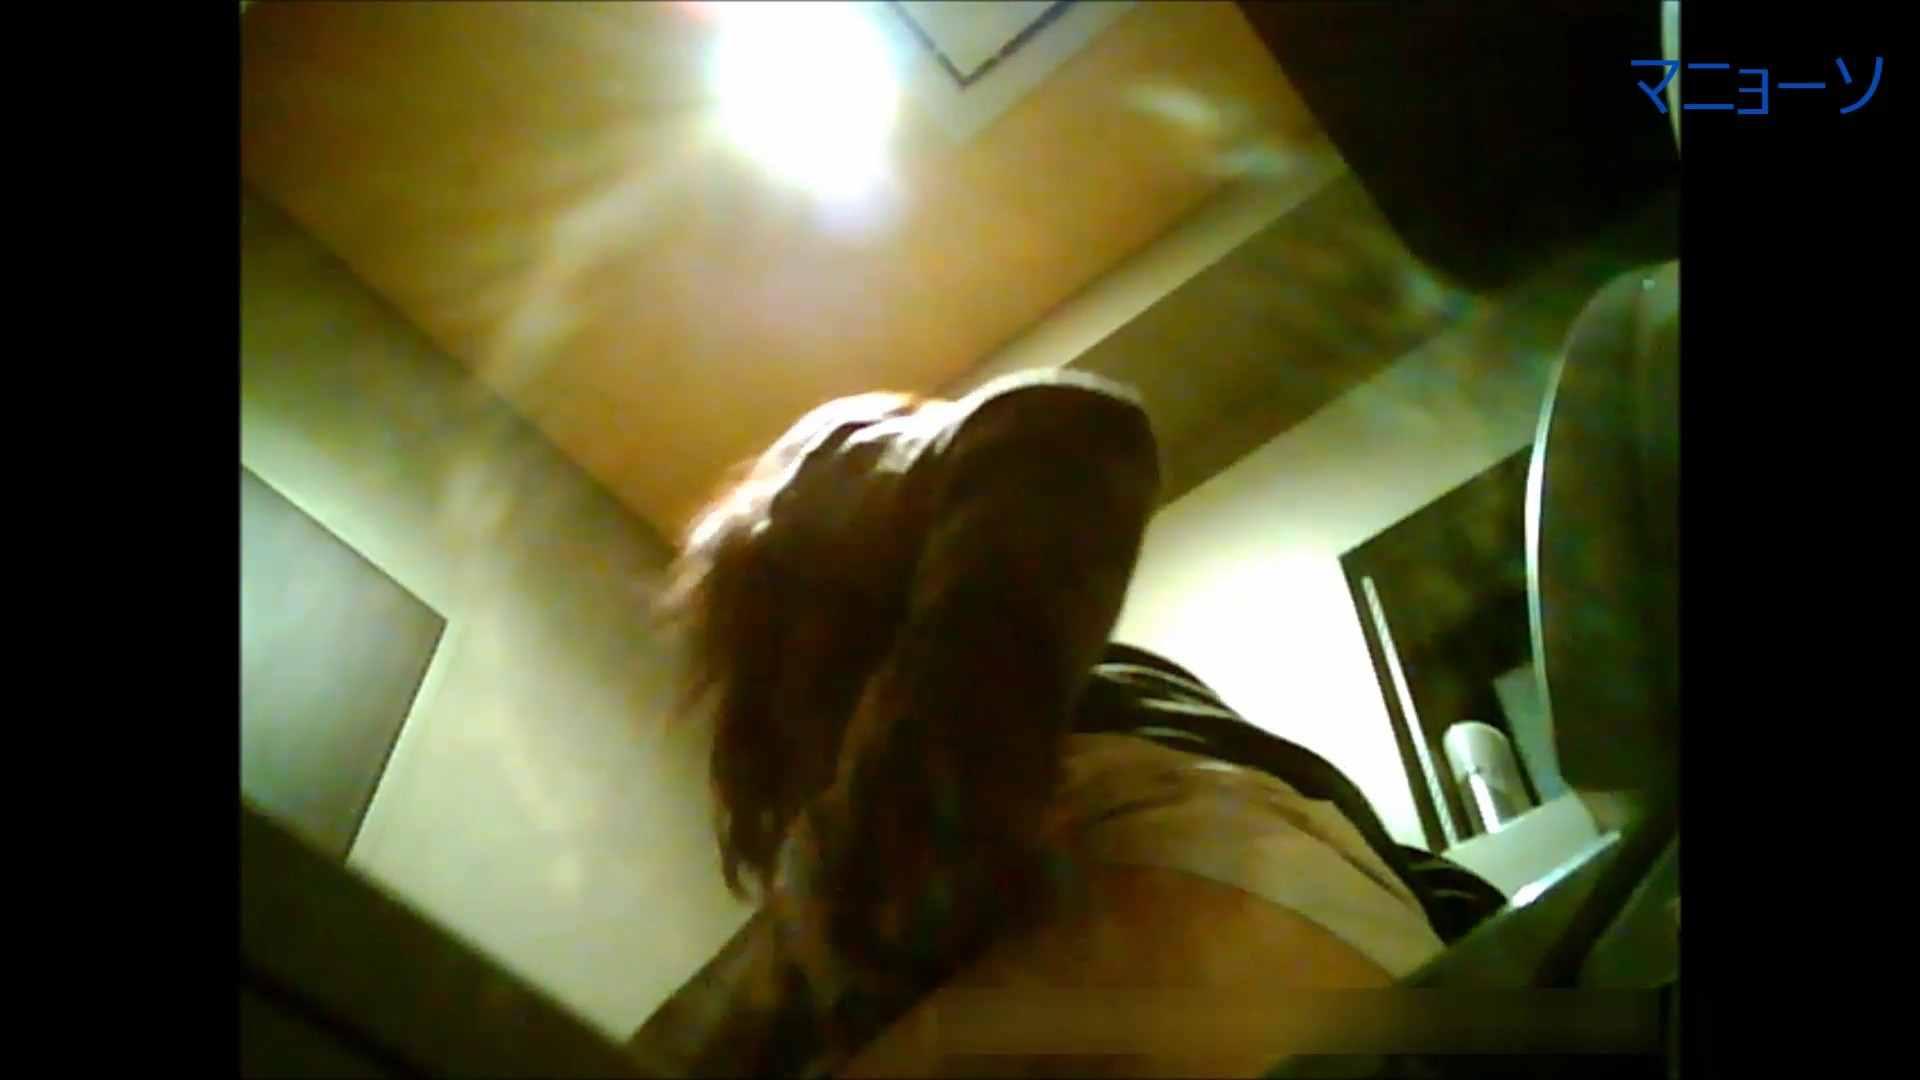 トイレでひと肌脱いでもらいました (JD編)Vol.01 トイレ  53pic 34